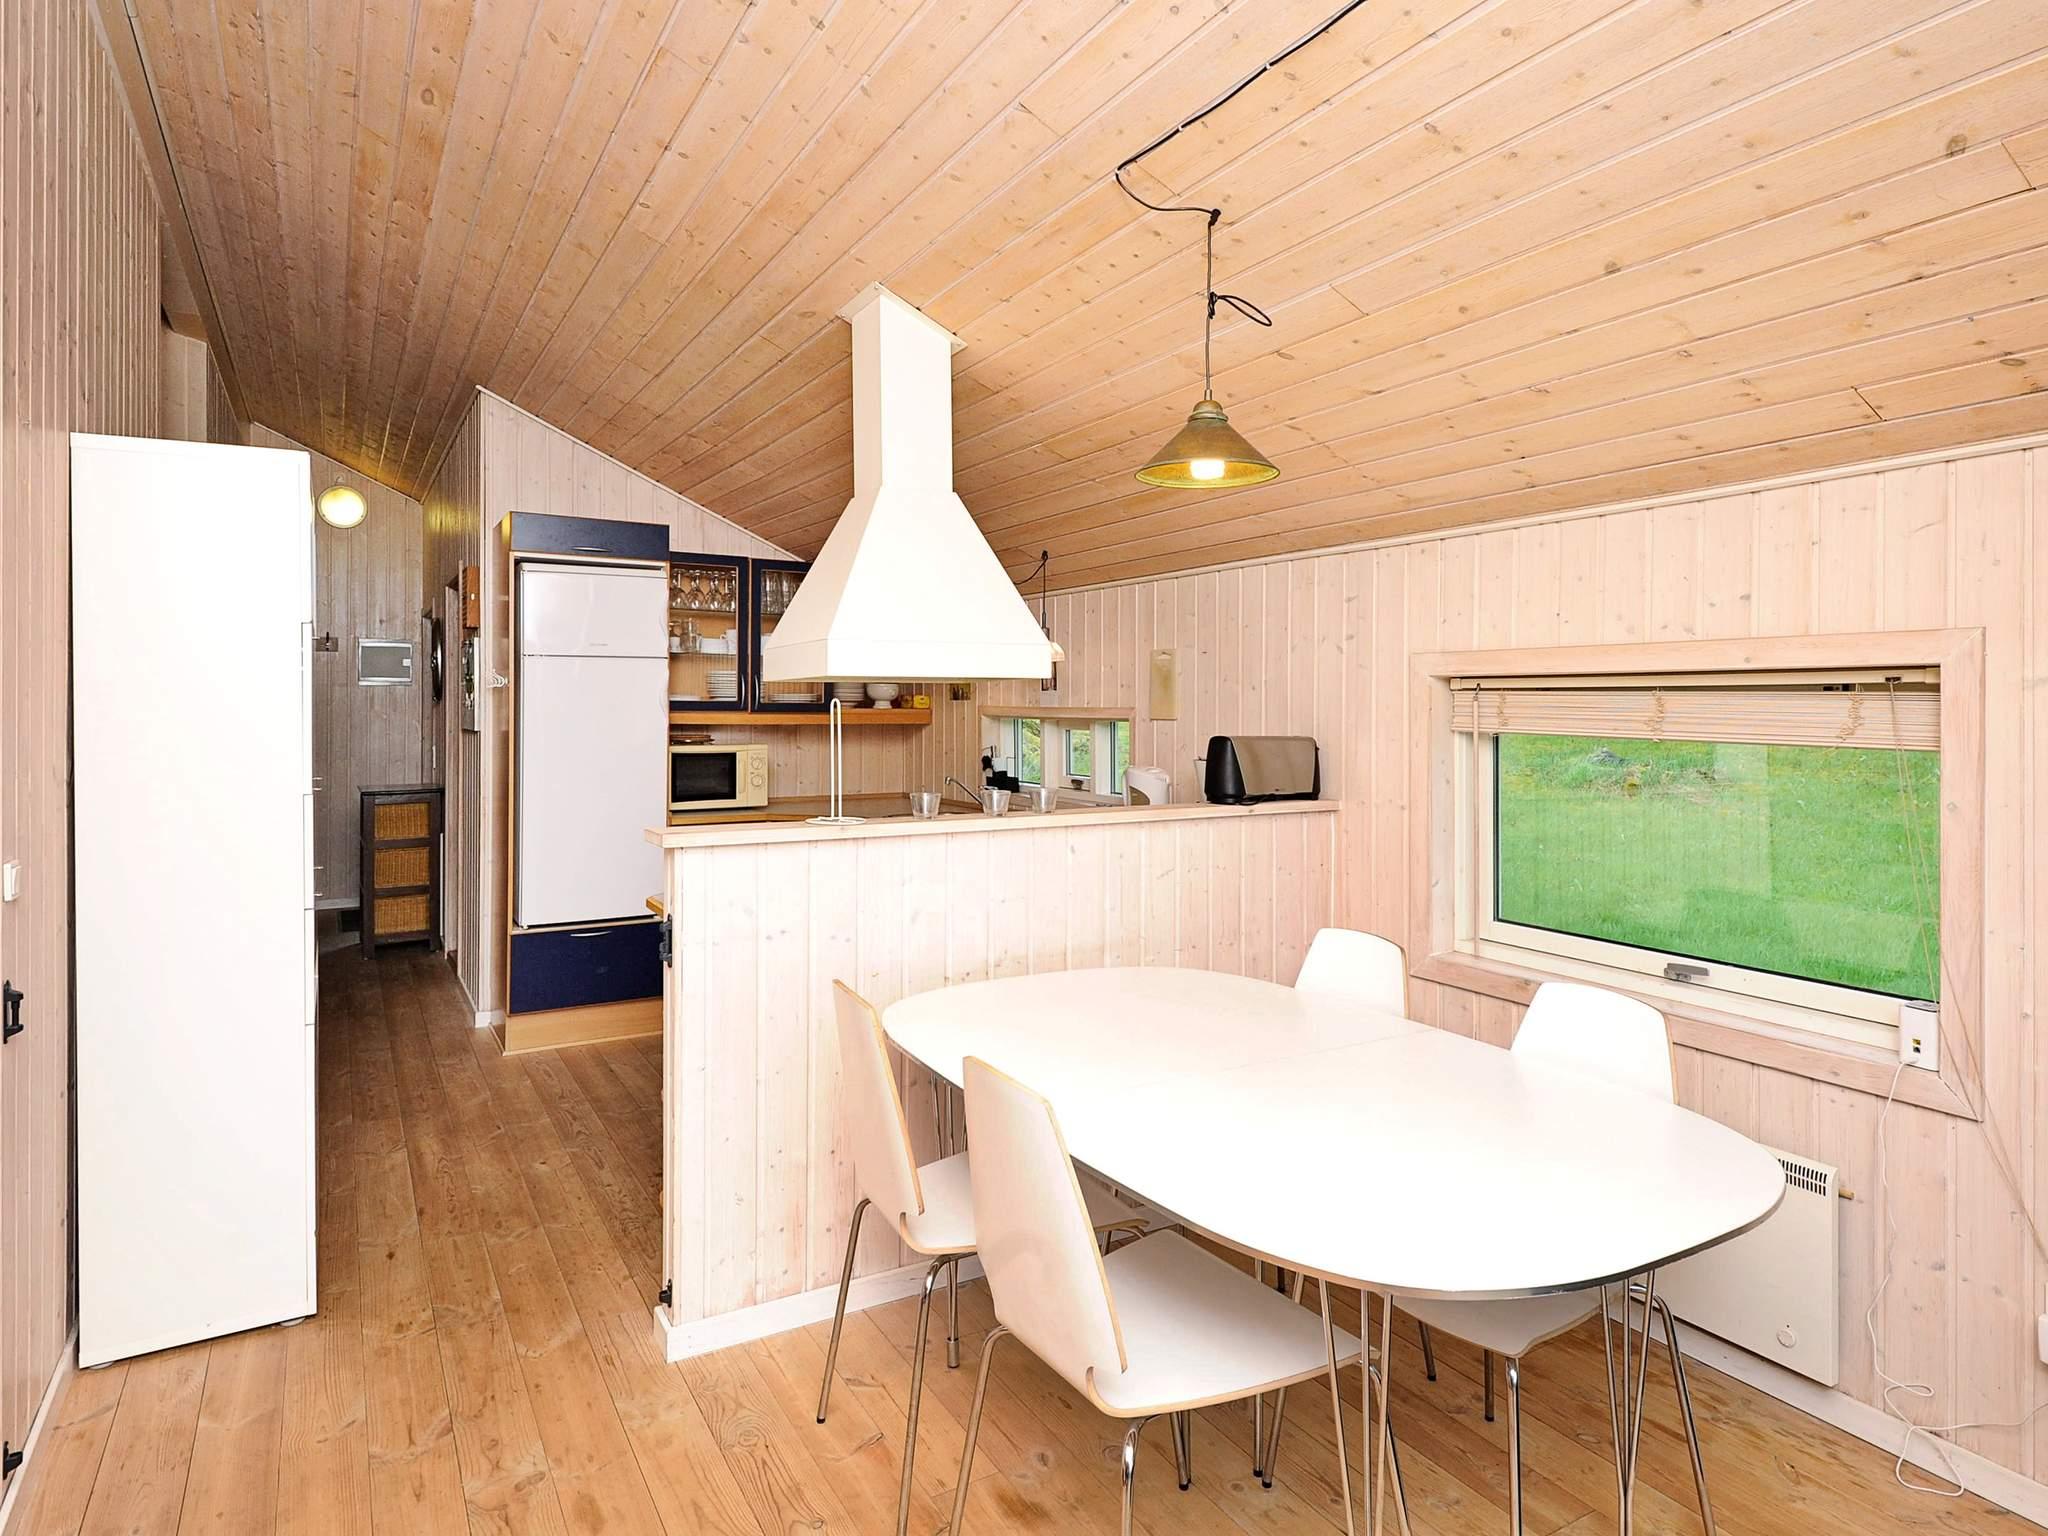 Ferienhaus Silkeborg (84068), Silkeborg, , Ostjütland, Dänemark, Bild 4